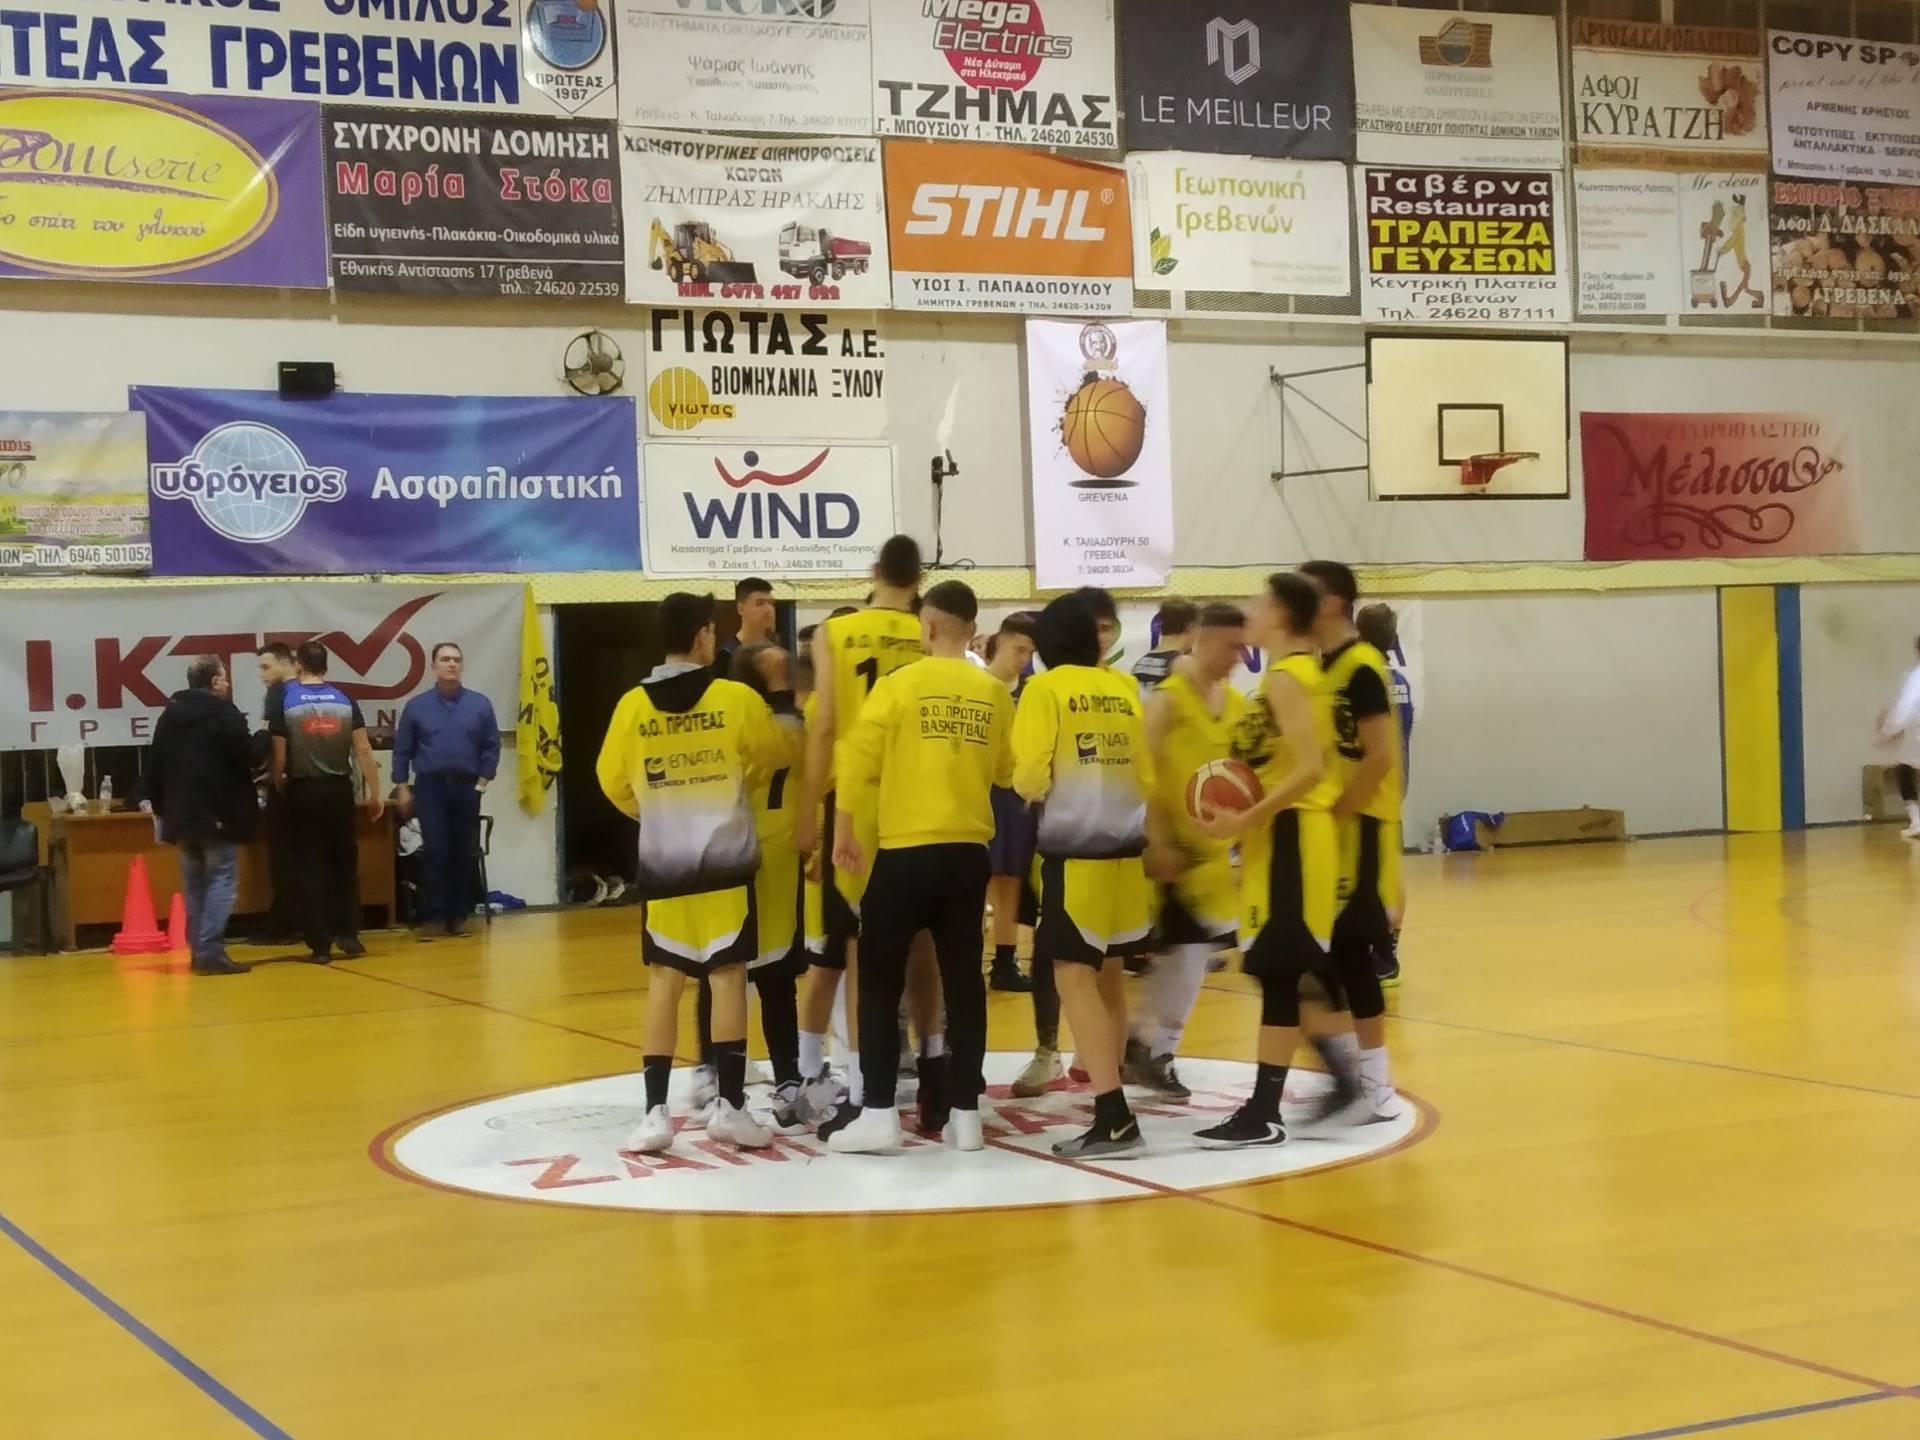 Η παιδική ομάδα του Πρωτέα Γρεβενών κέρδισε στην παράταση με 92-86 τον Α.Π.Σ.Πτολεμαίδας